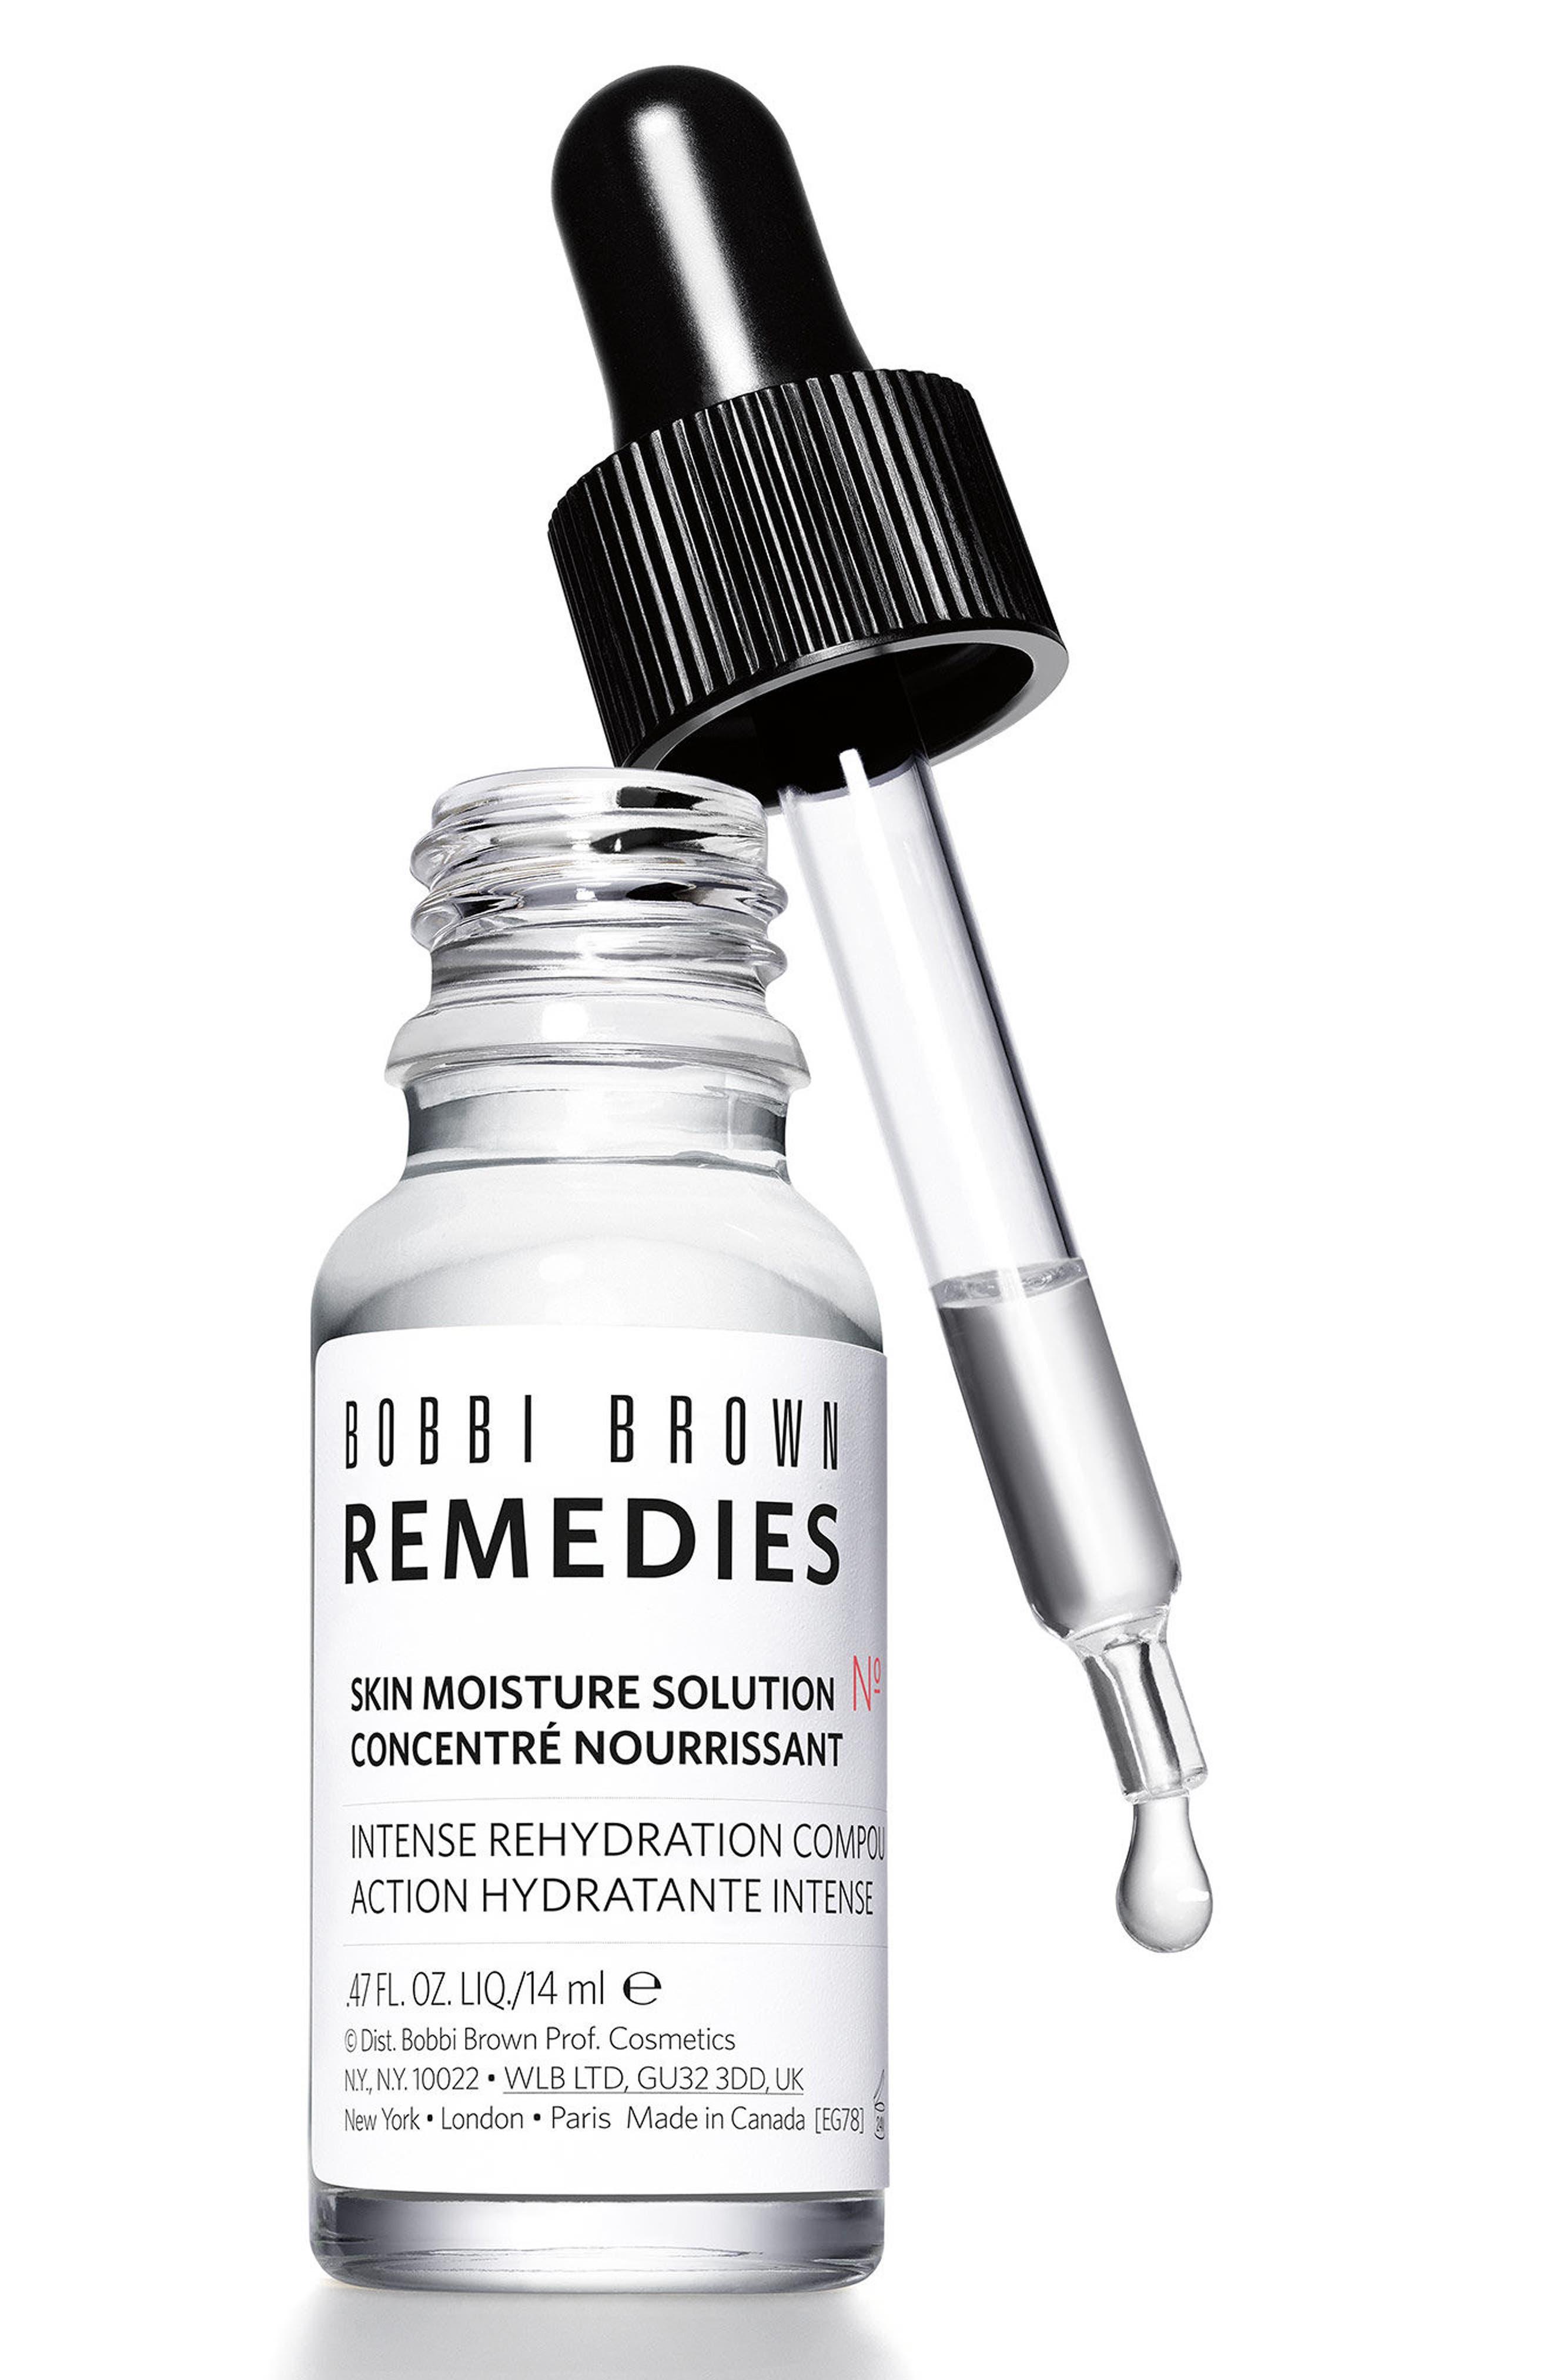 Remedies Skin Moisture Solution Intense Rehydration Compound Serum